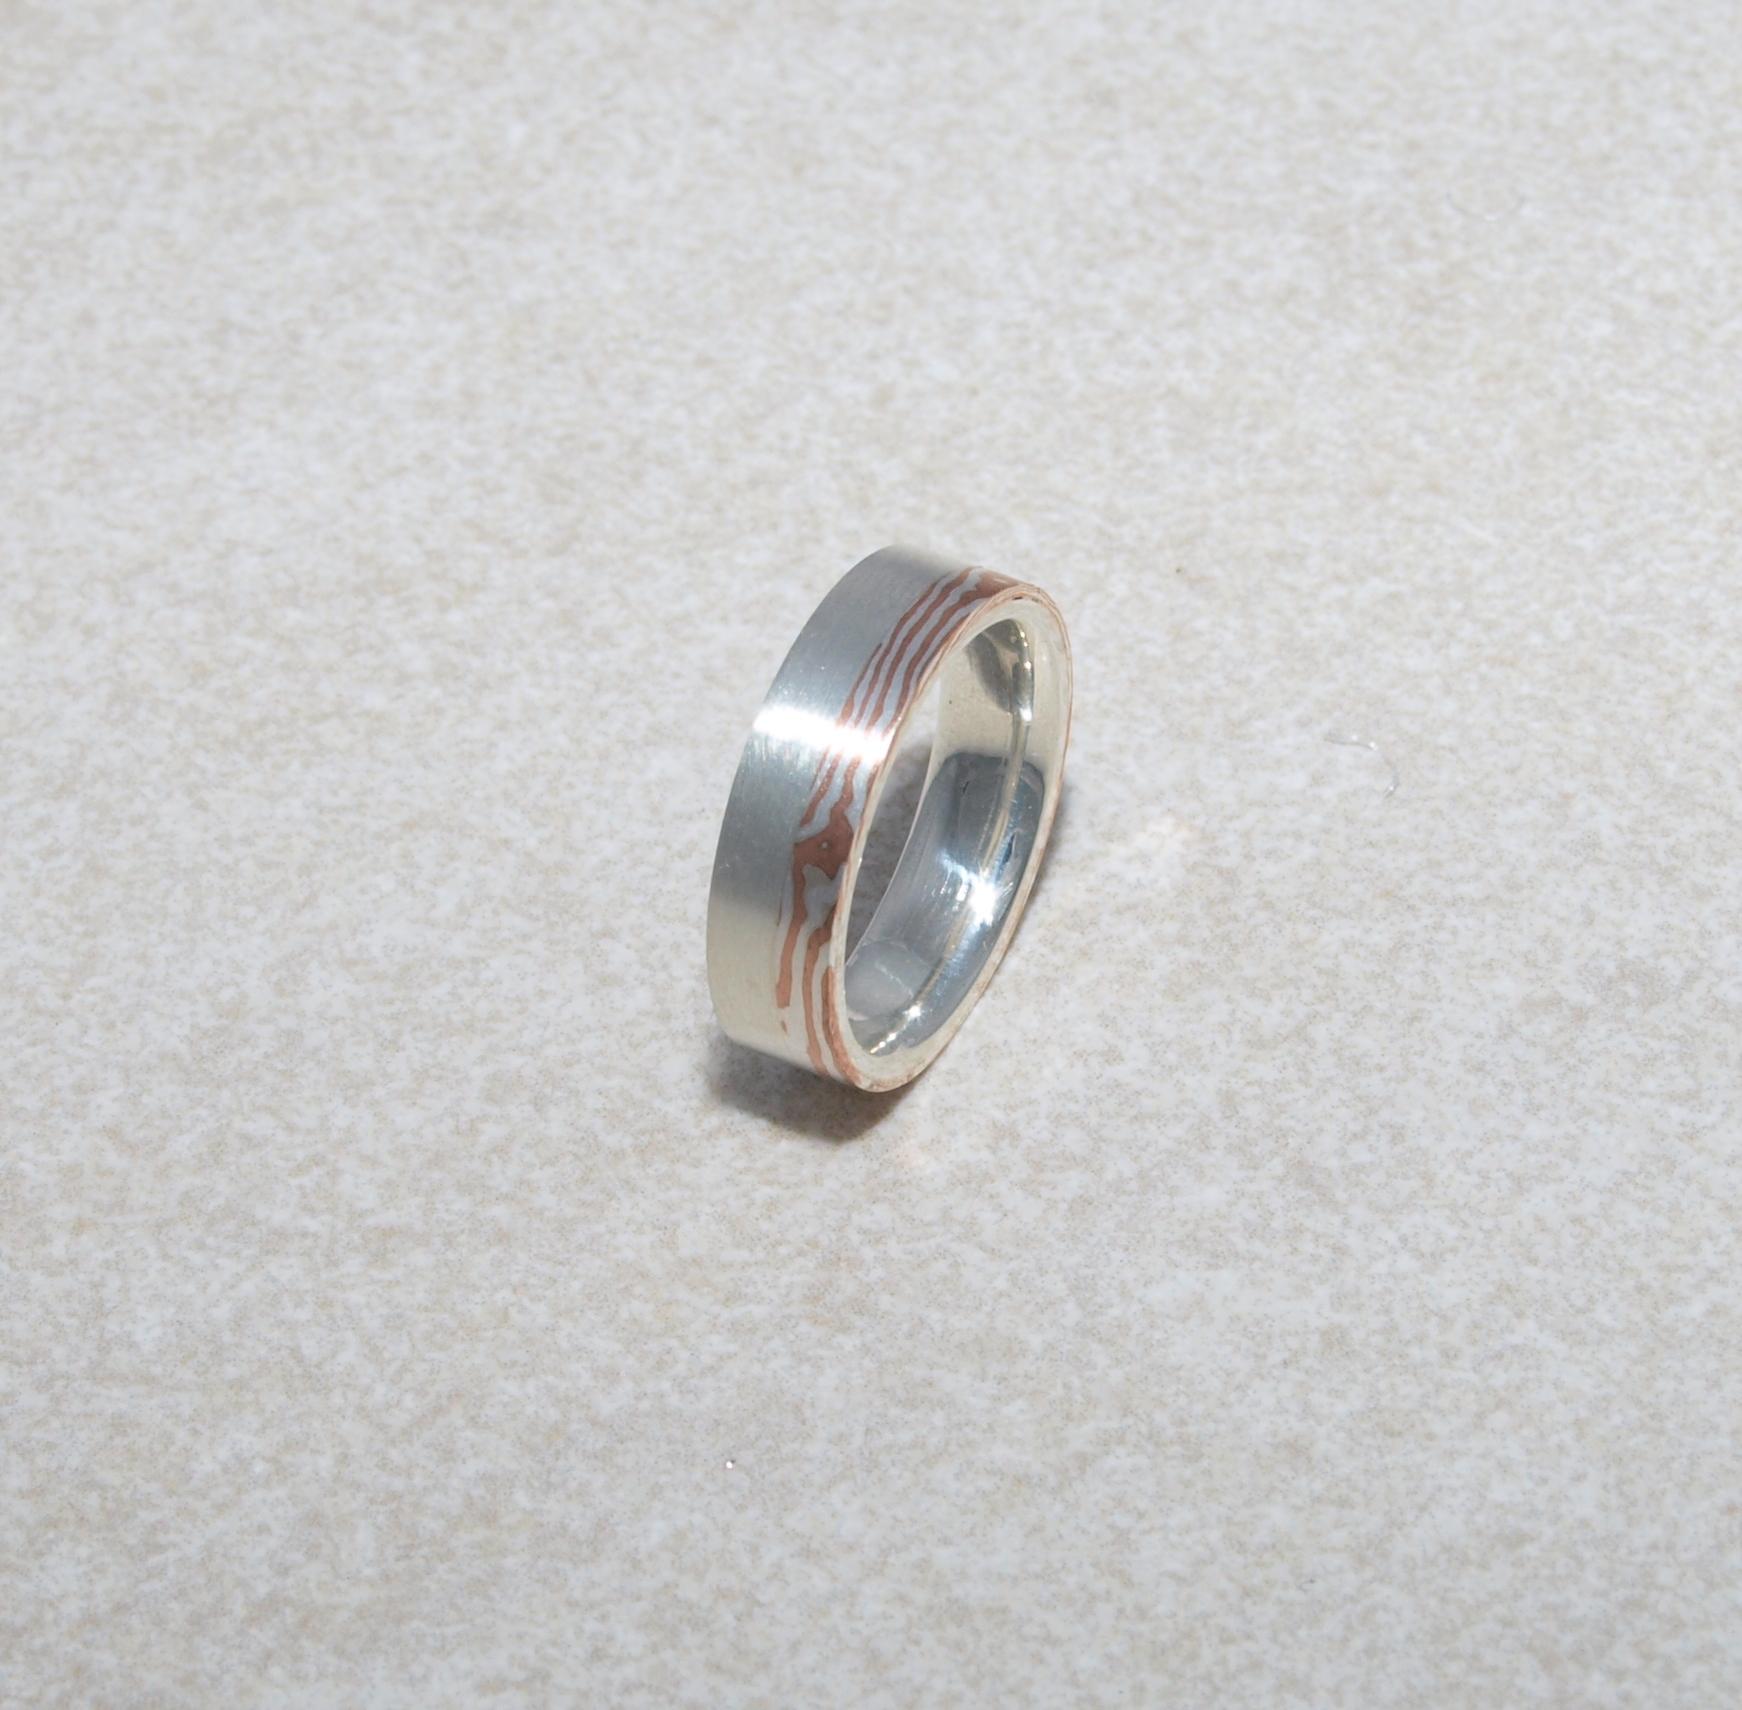 Mokumegane in Silber und Kupfer